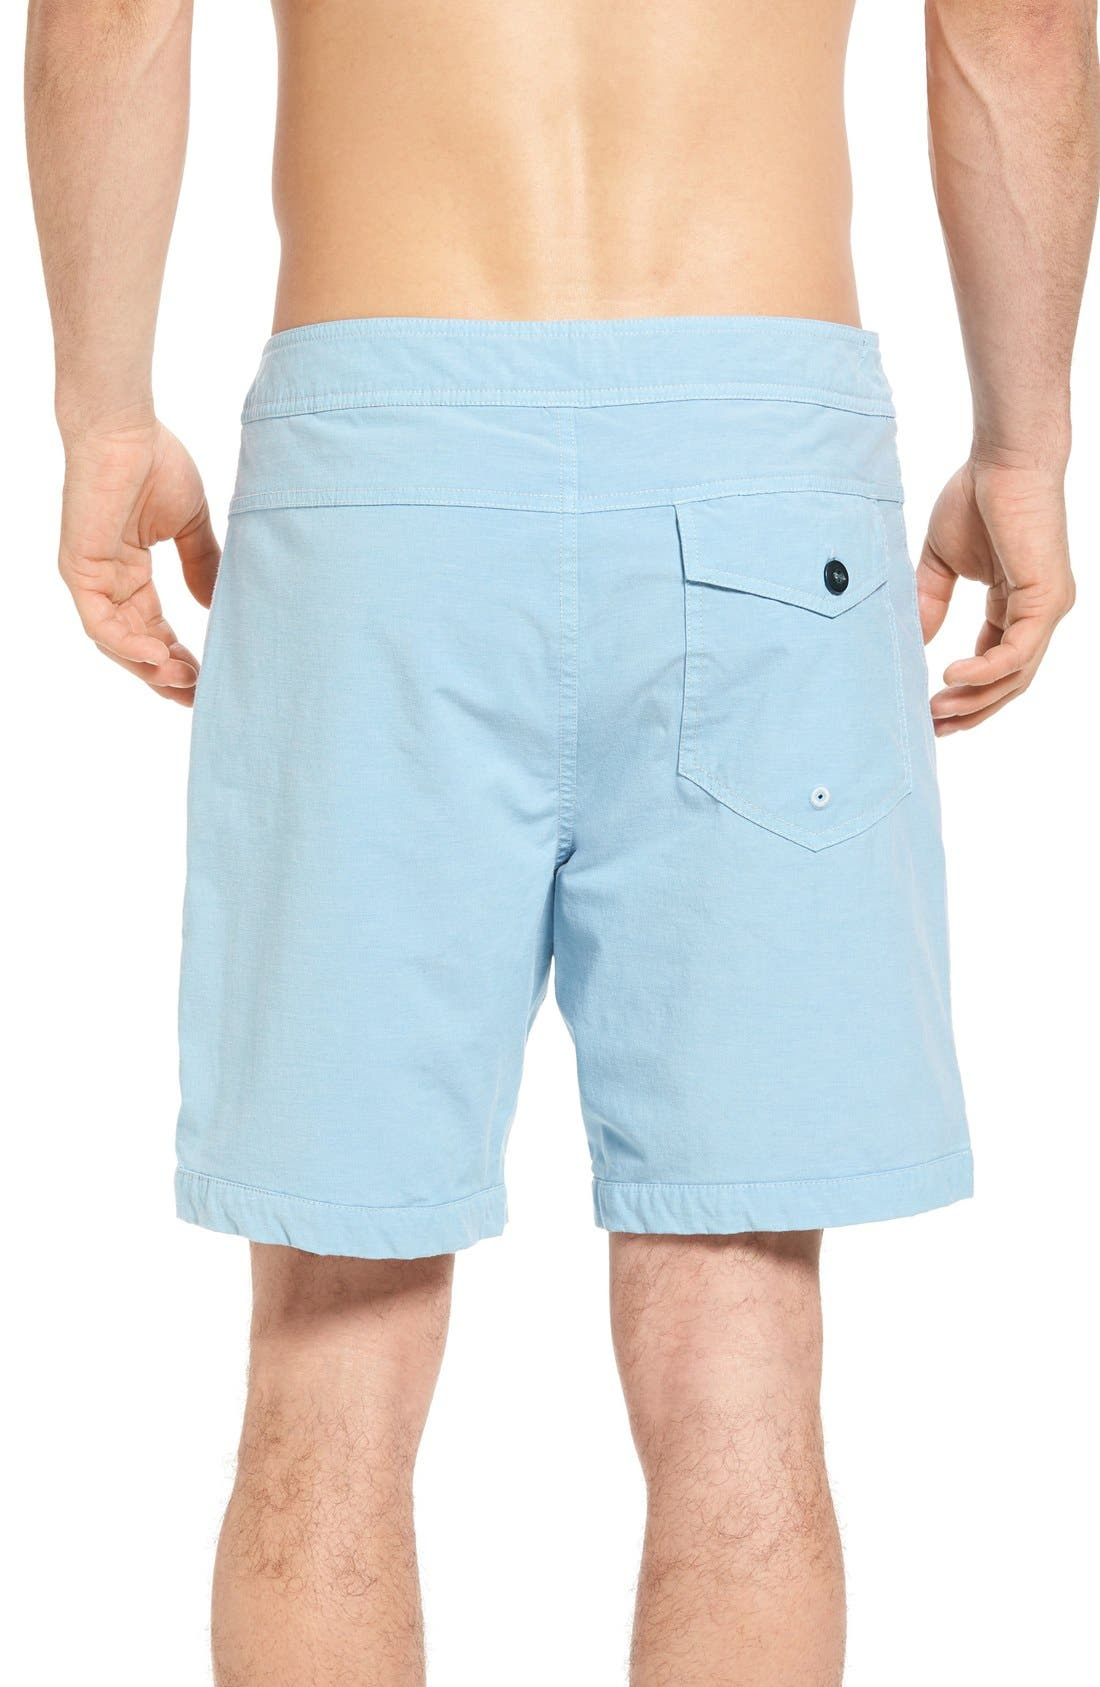 Venice Board Shorts,                             Alternate thumbnail 2, color,                             Light Blue